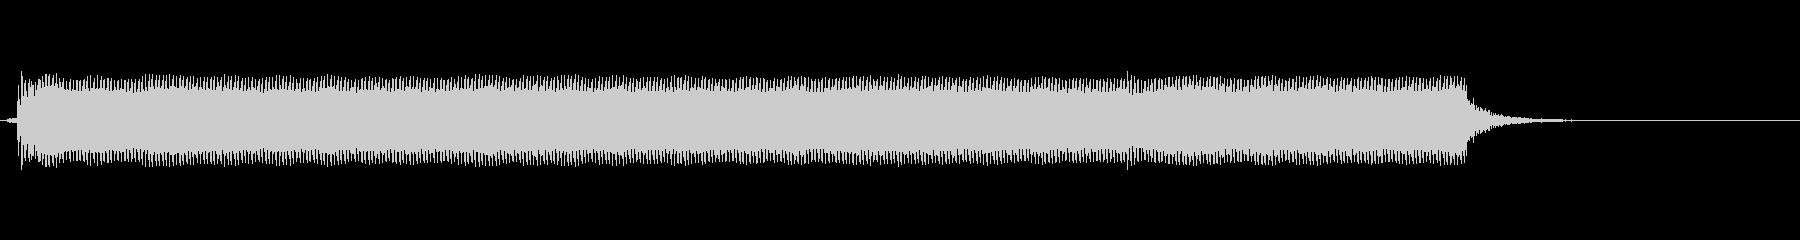 ゲームショーブザー:ロングブザーの未再生の波形